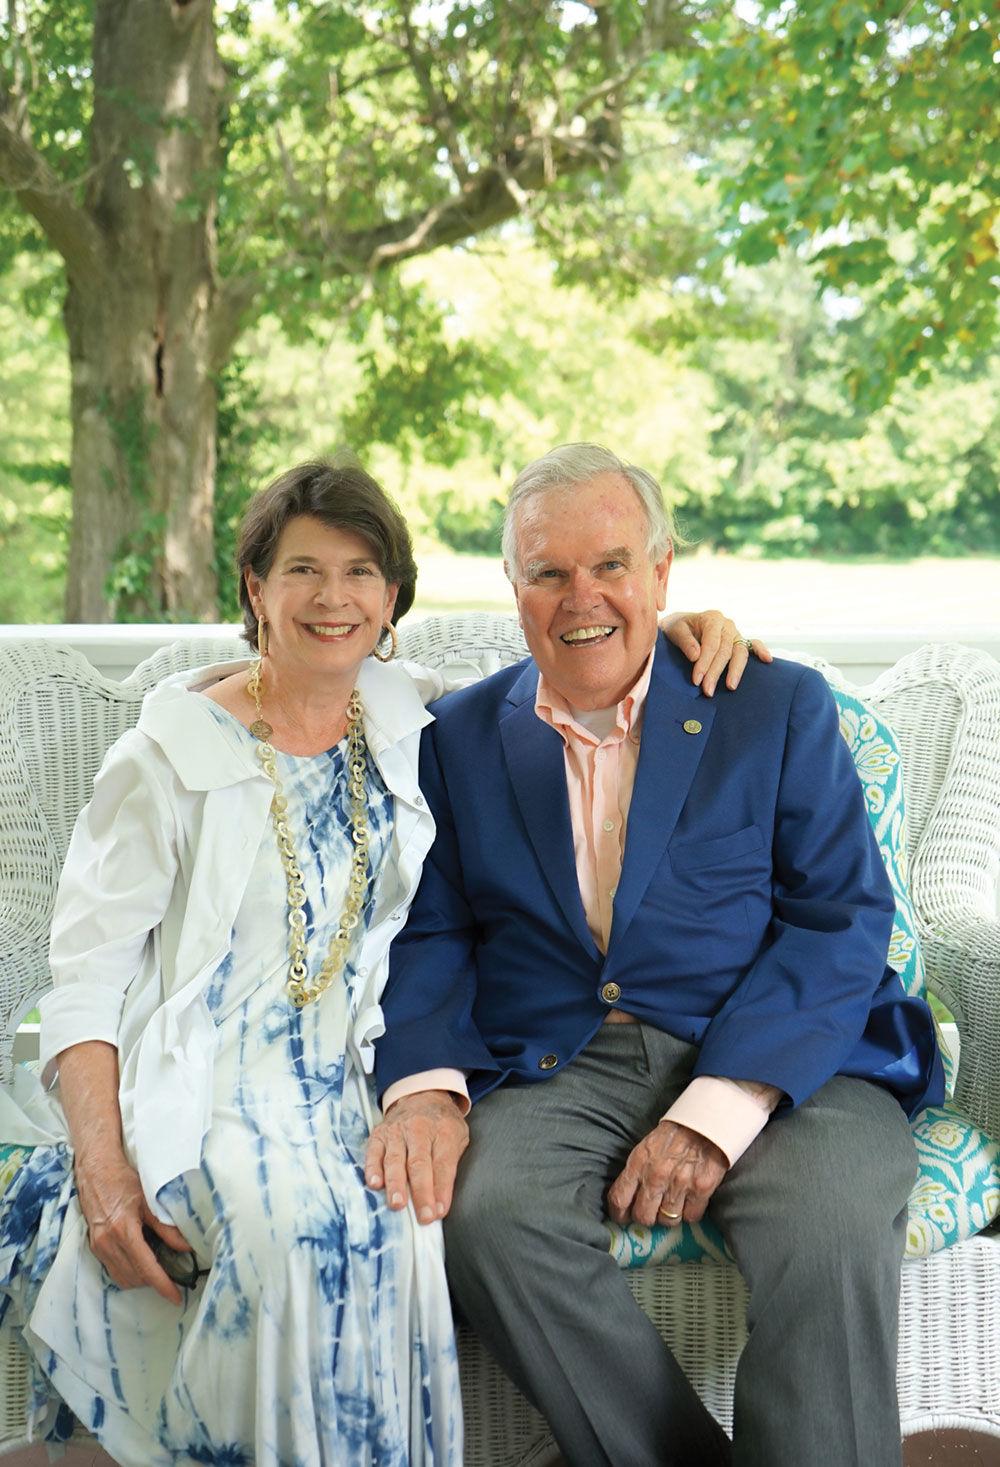 Kay & Rod Heller